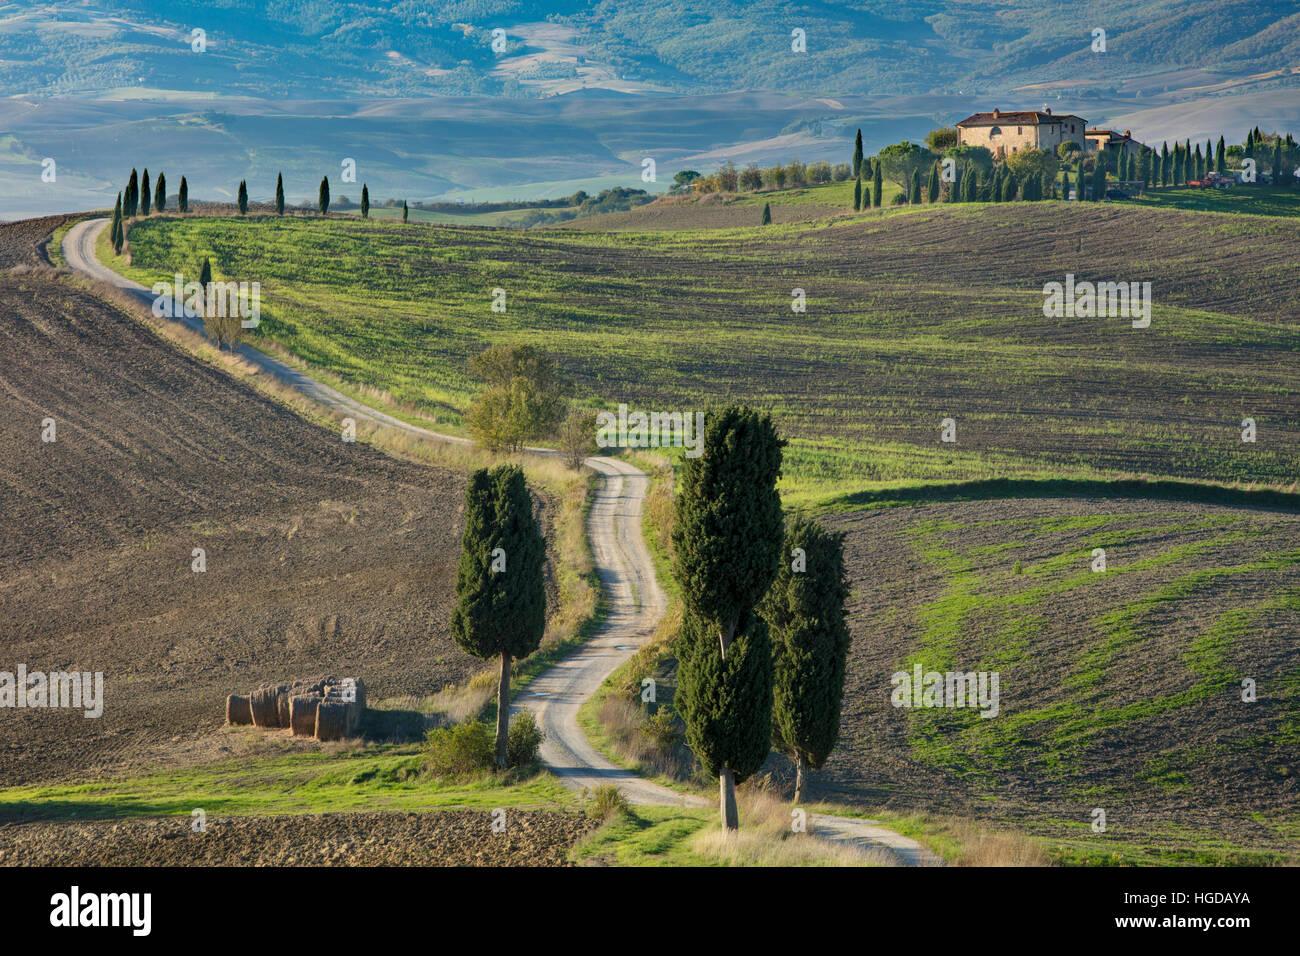 Gewundenen Feldweg führt zu Grafschaft Villa in der Nähe von Pienza, Toskana, Italien Stockbild